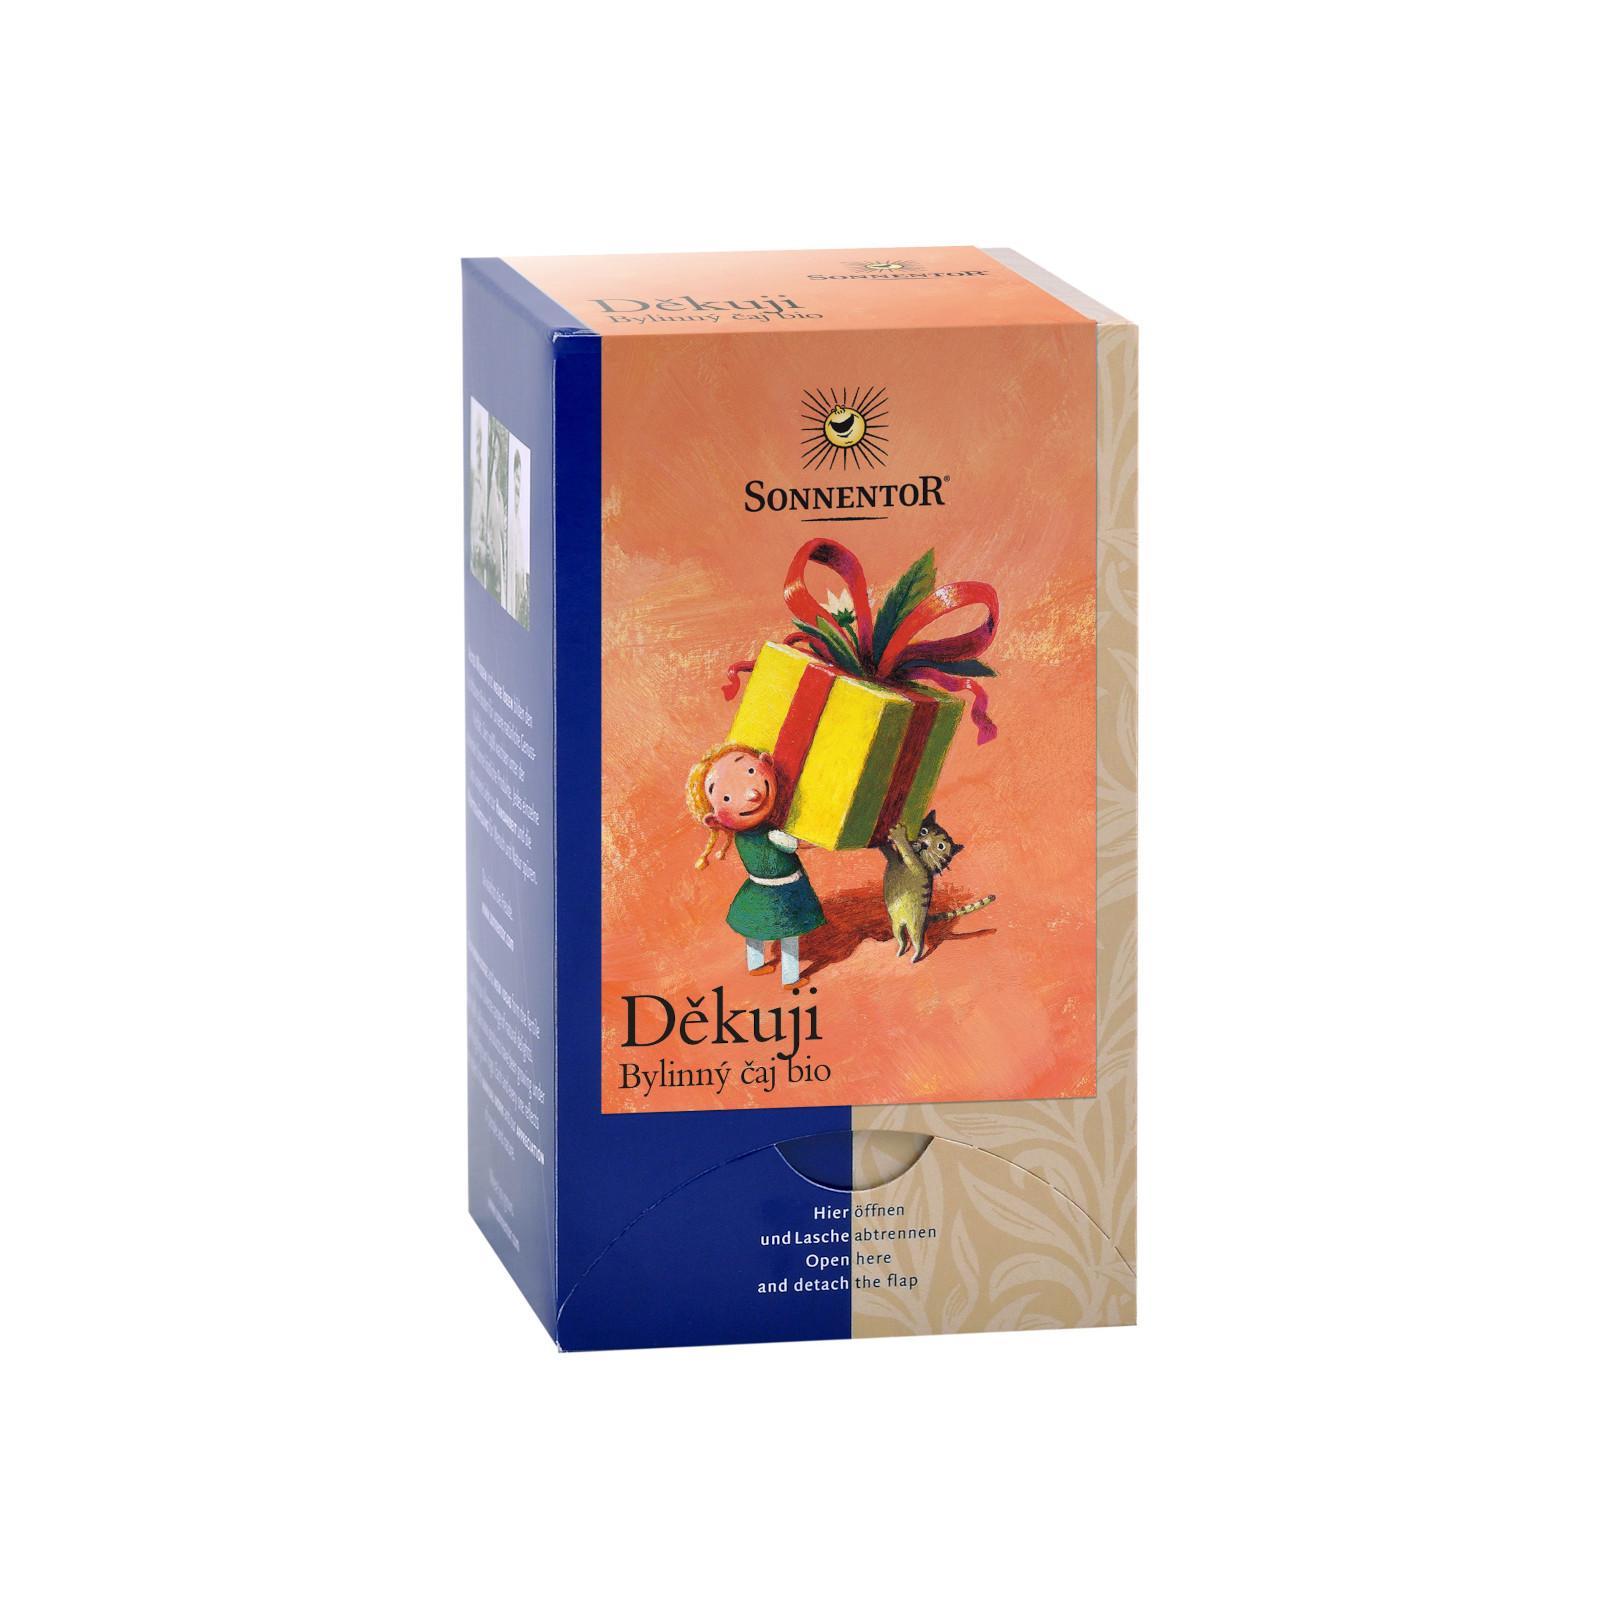 Sonnentor Děkuji, bylinný čaj bio 27 g, 18 sáčků